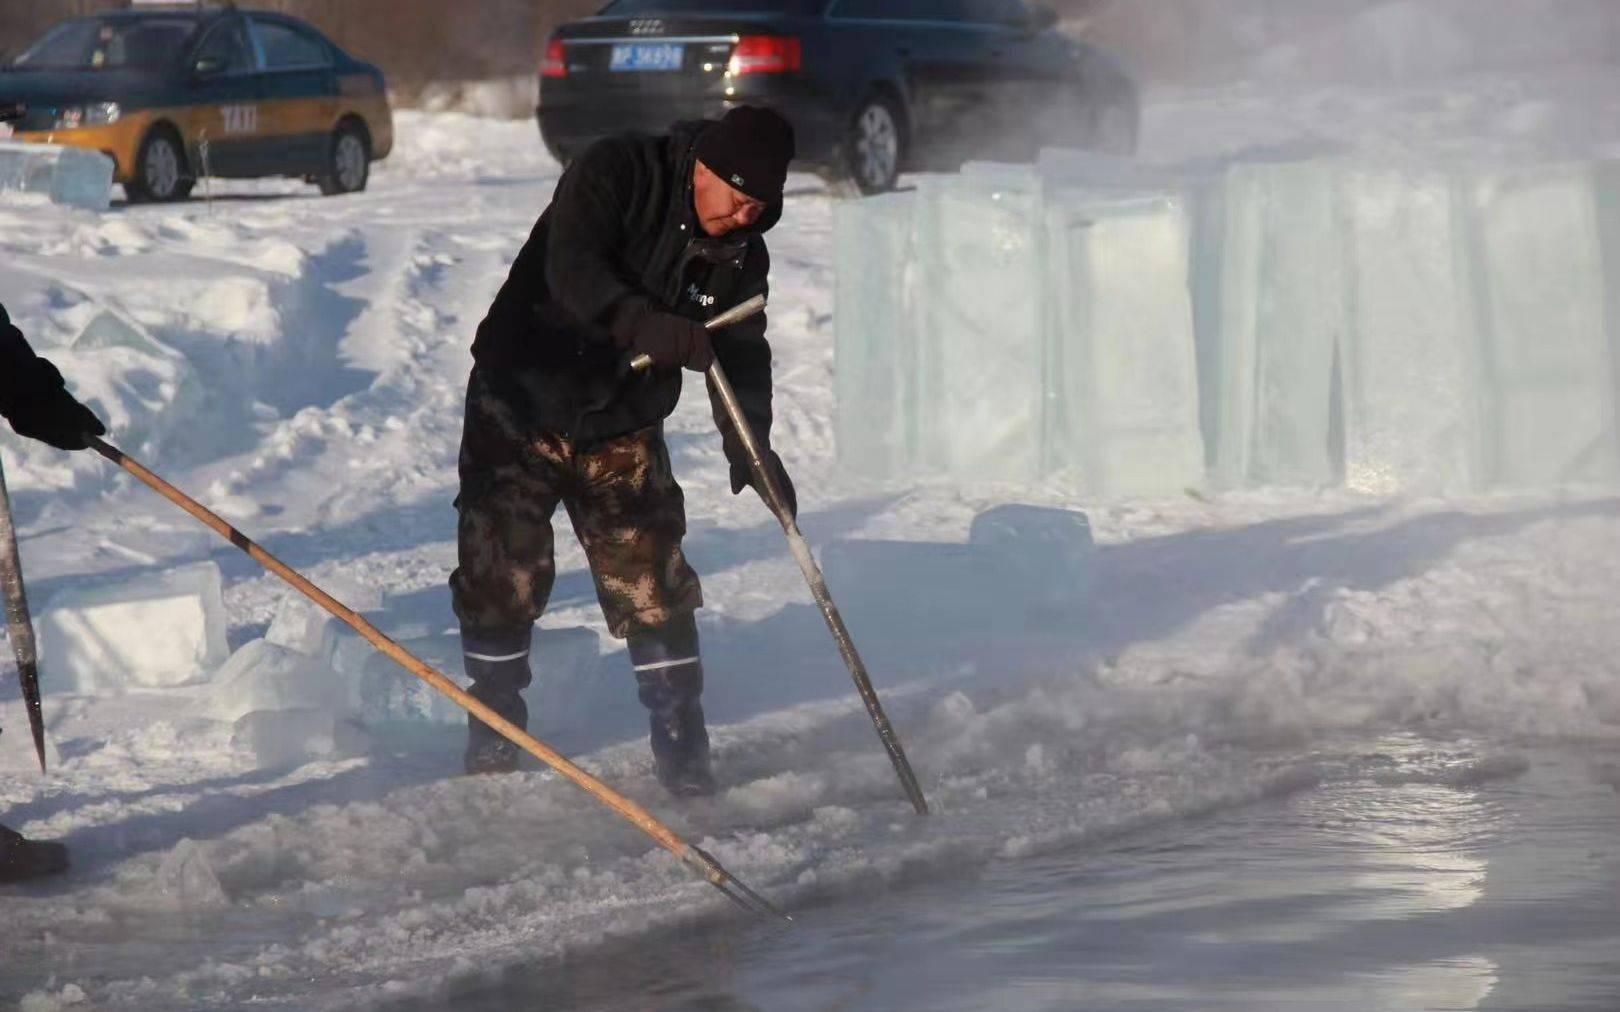 漠河300余人历时近一个月采冰 6万块冰搭建出冰雪童话世界